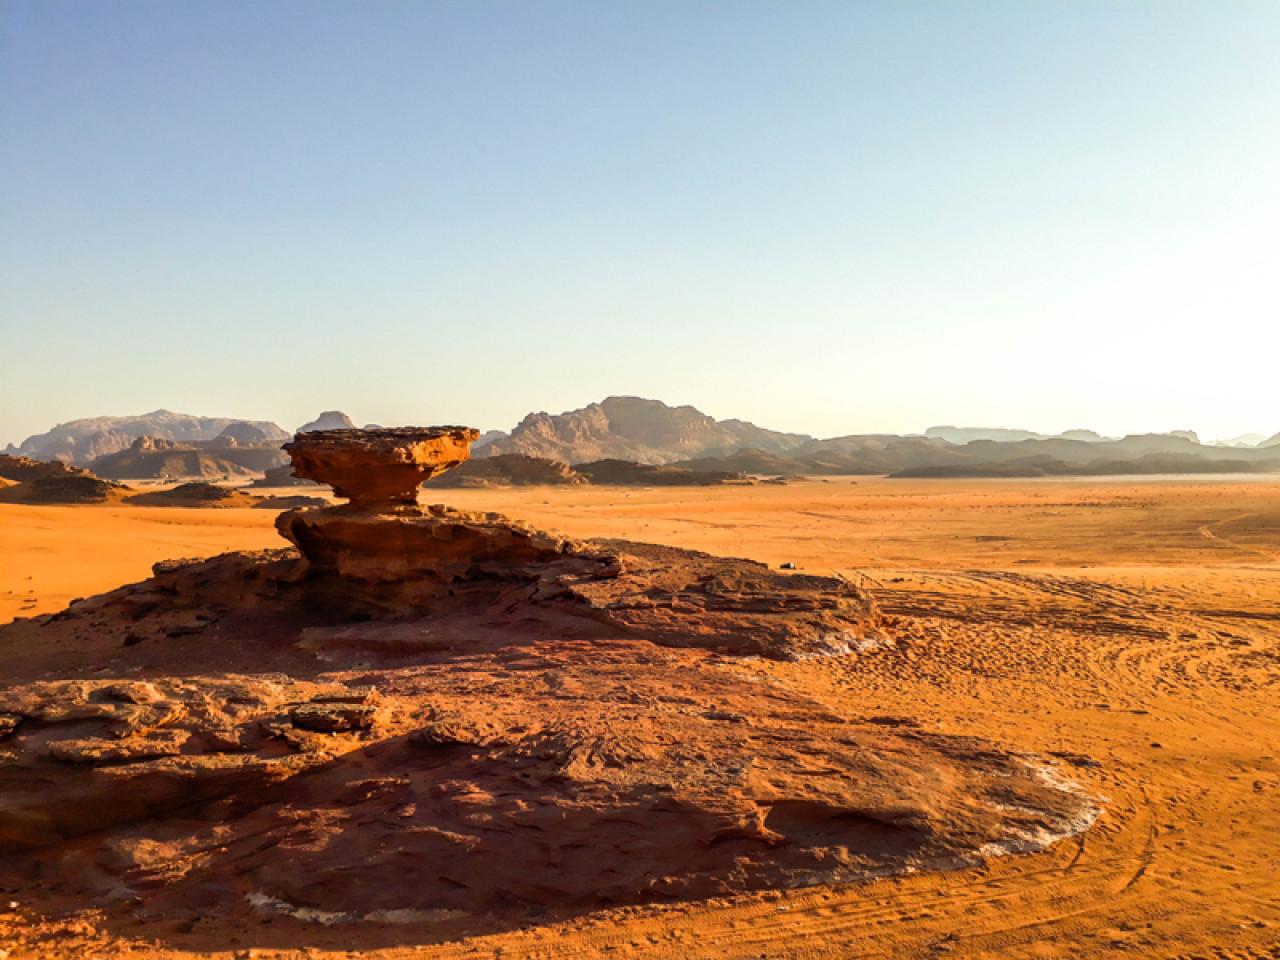 The Mushroom Rock, Jabal Abu Rashrash.